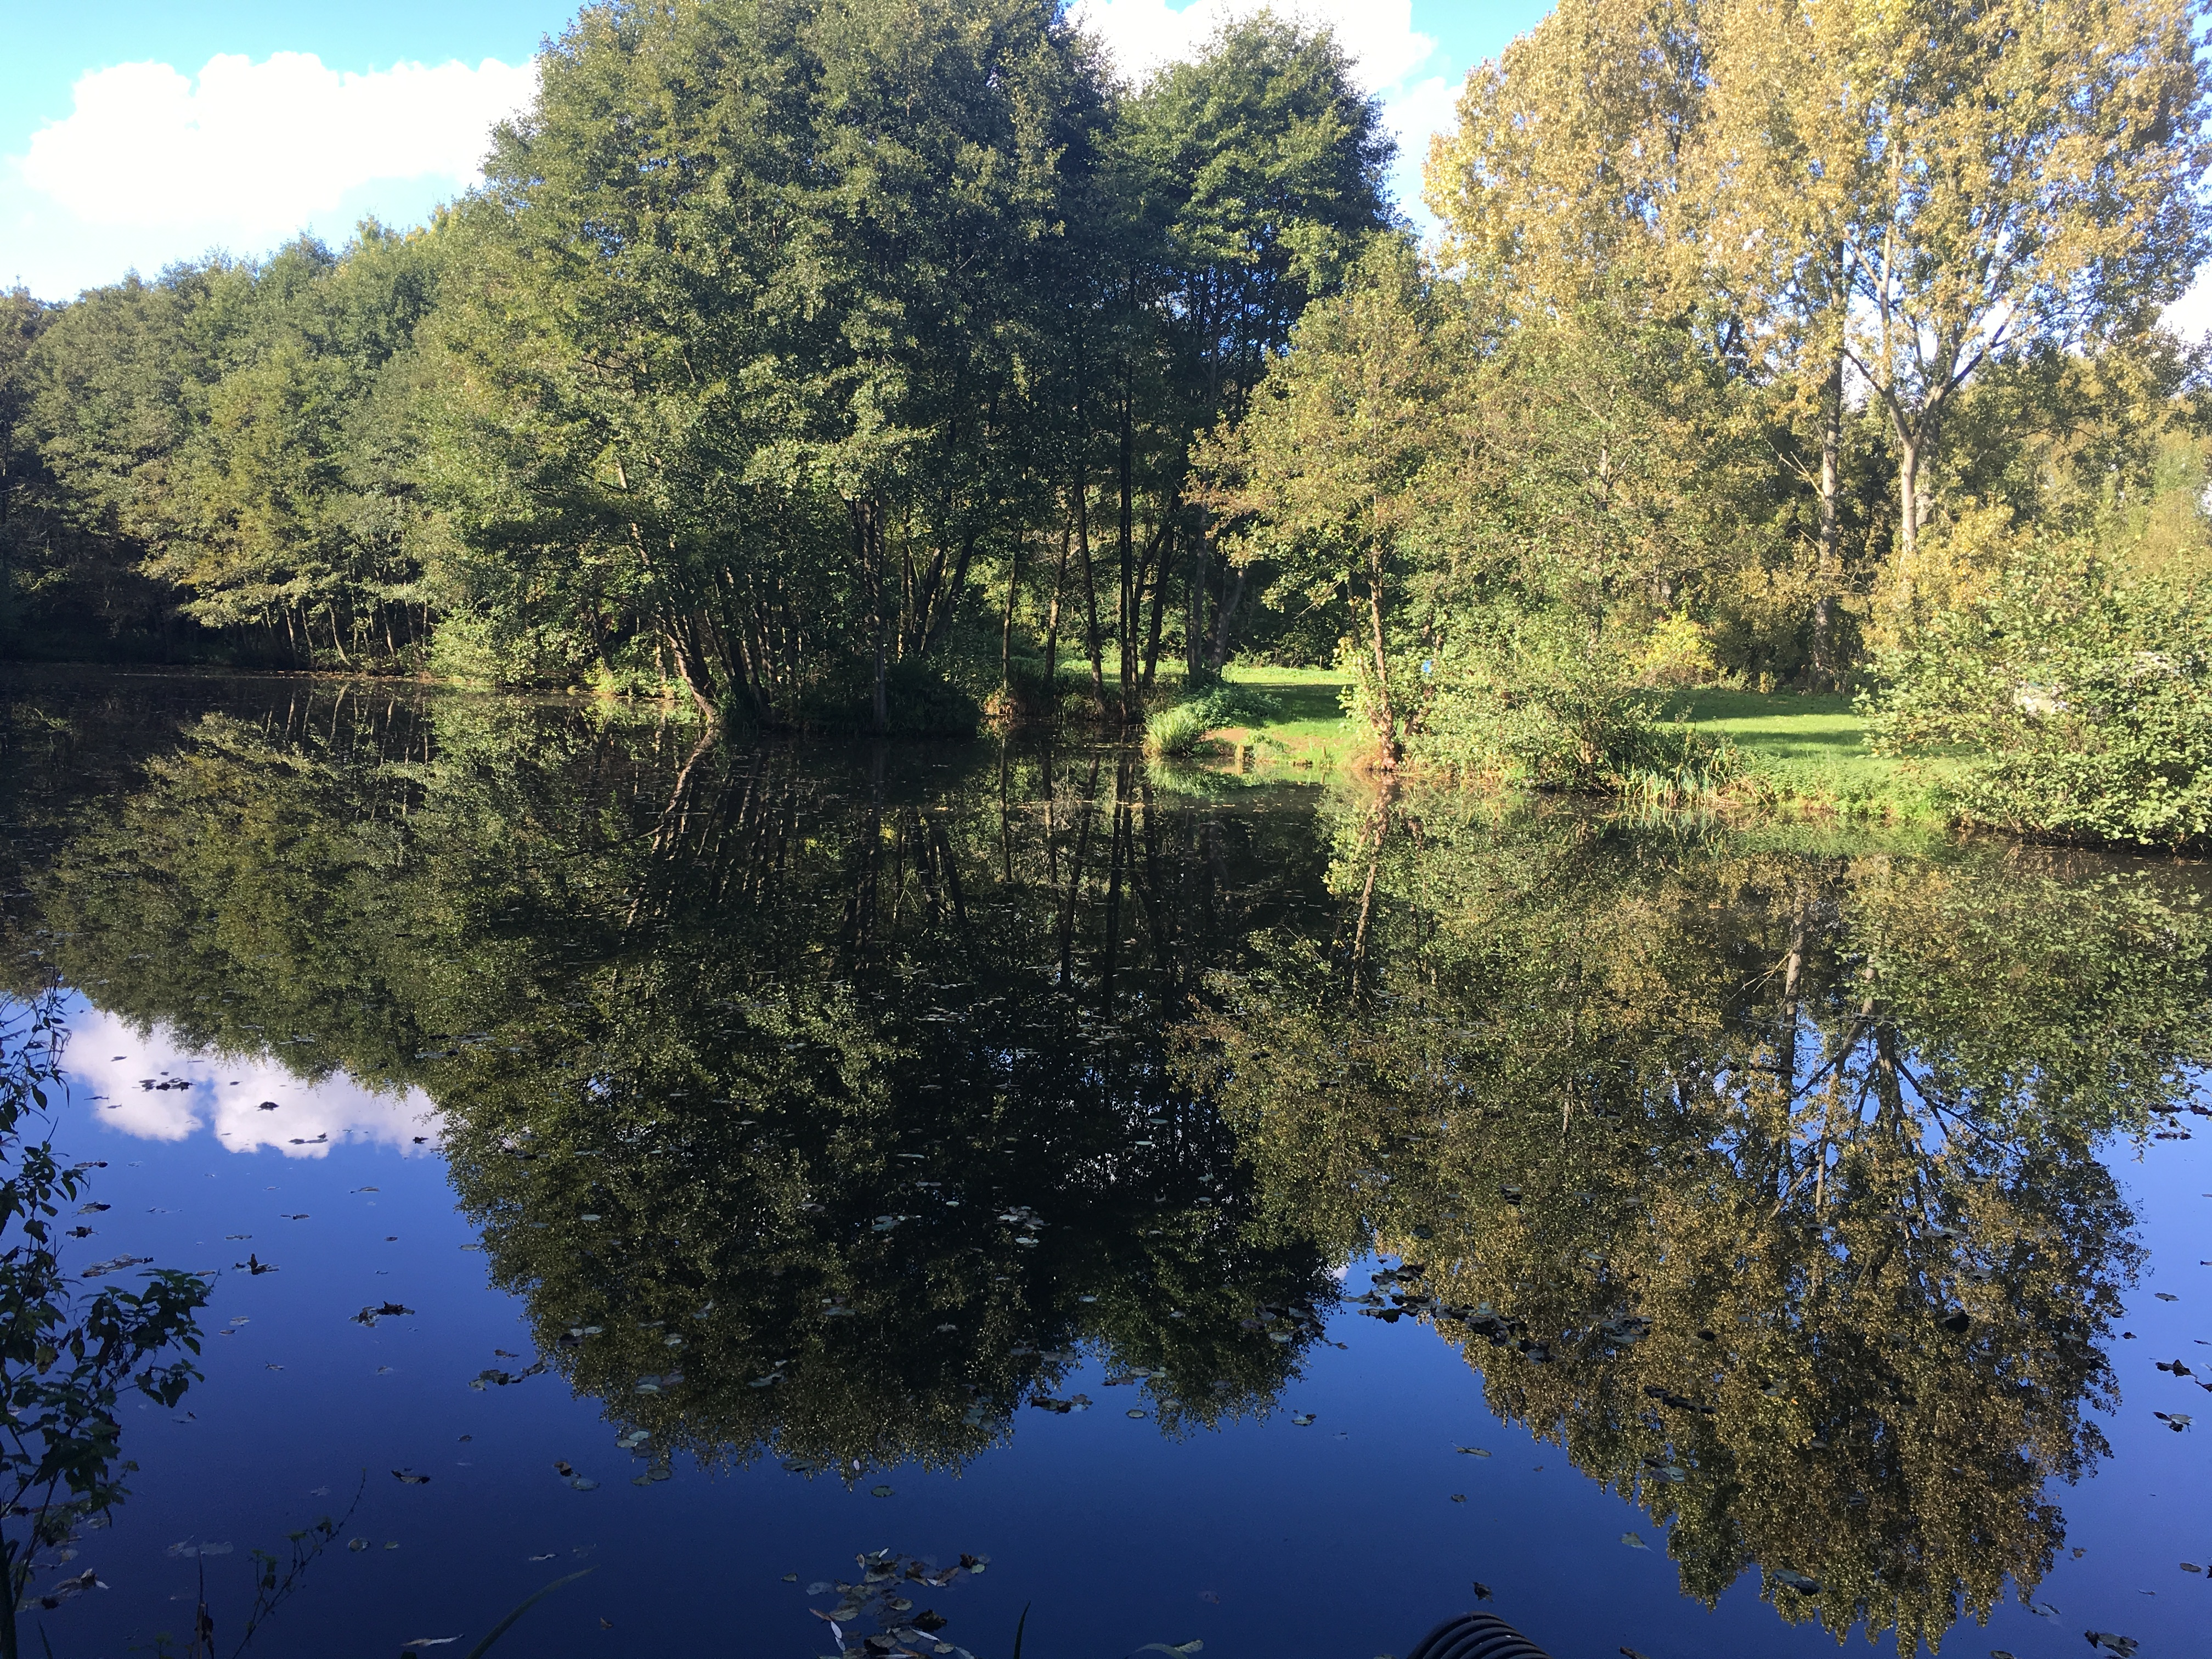 Tillingbourne trout farm